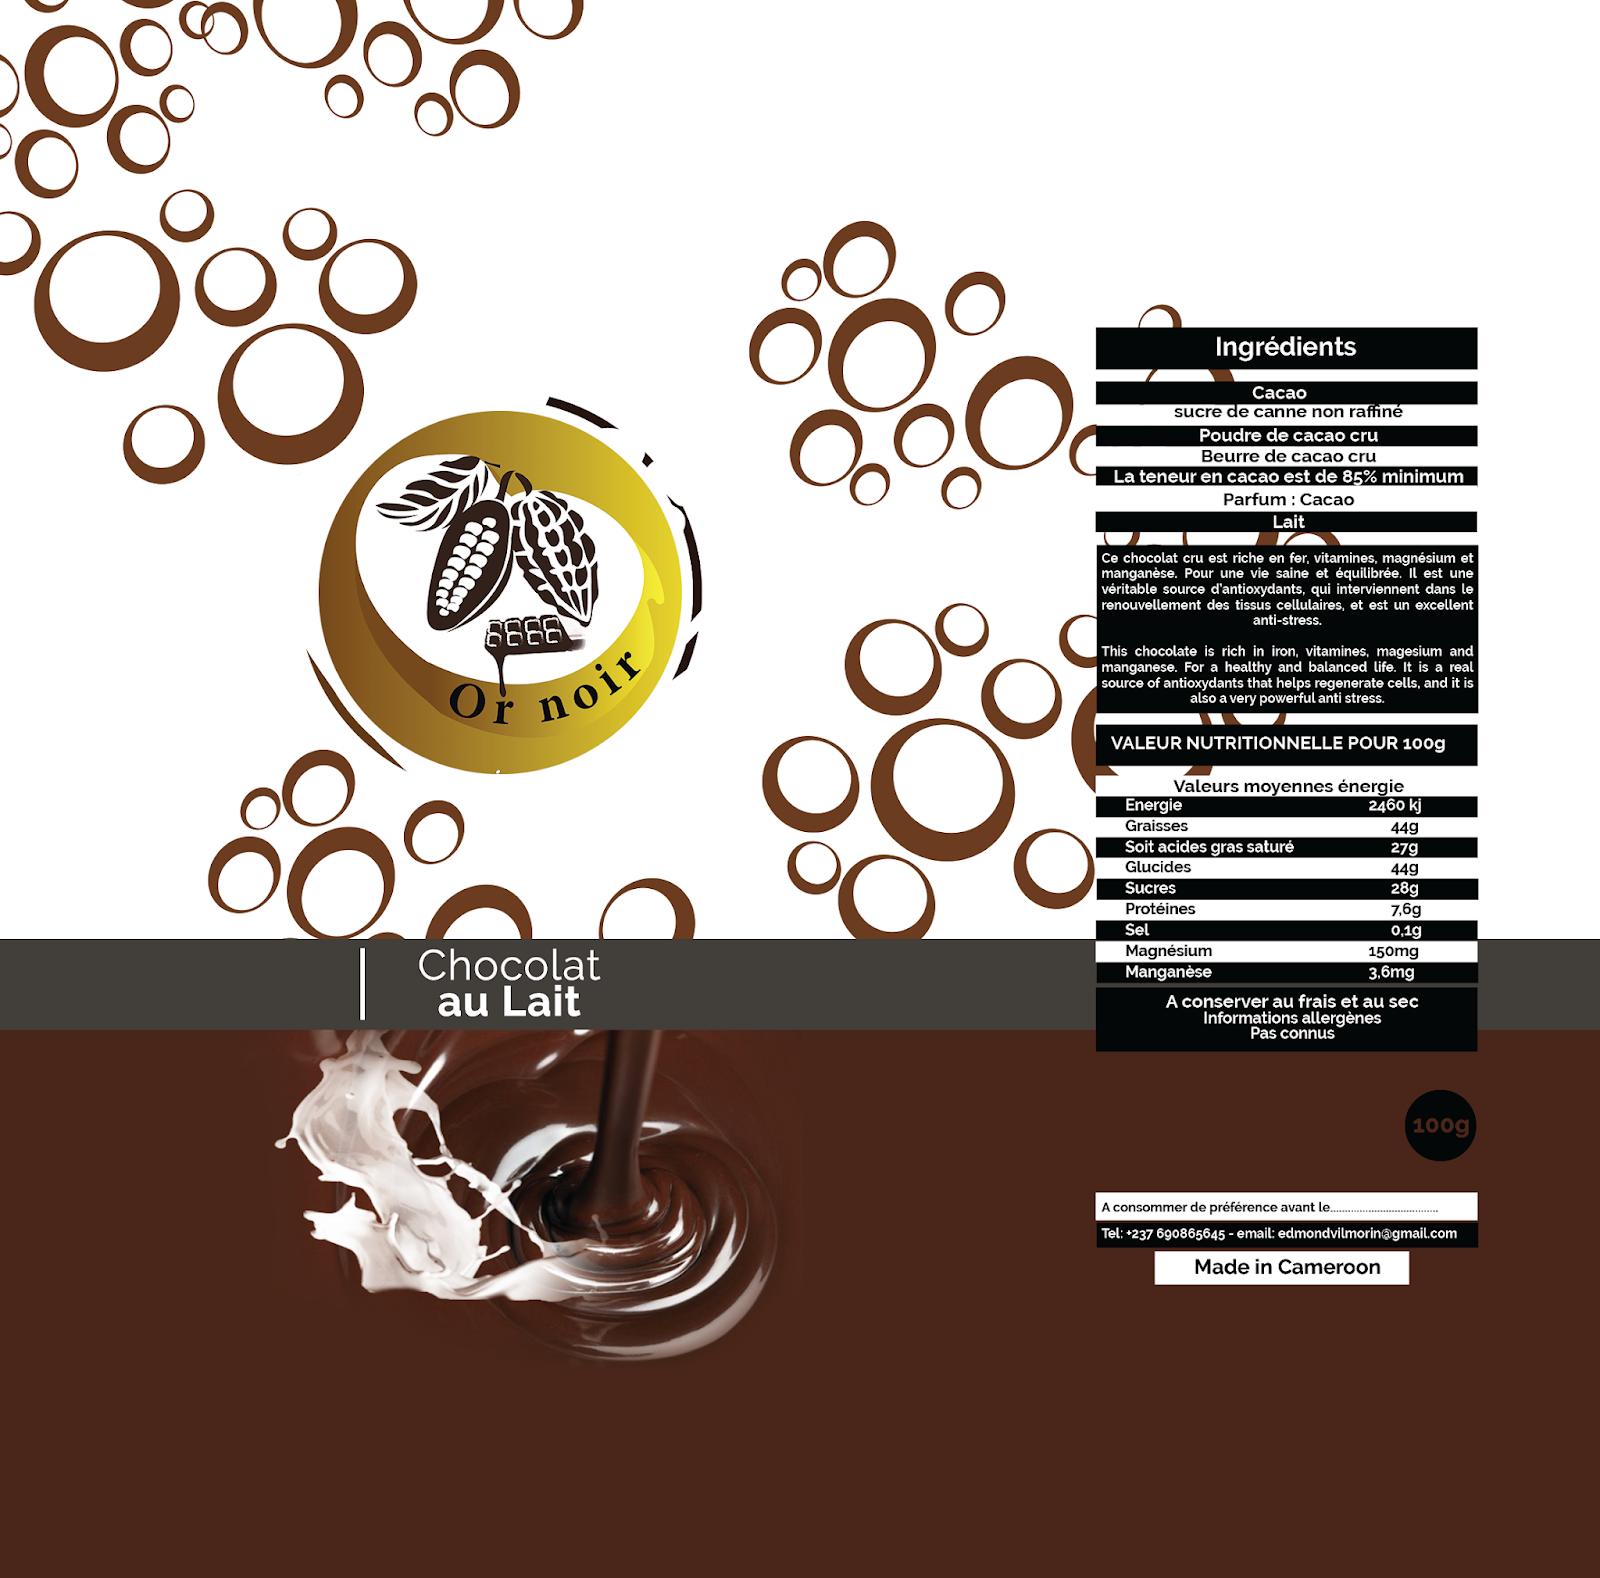 Chocolat au lait - Or noir